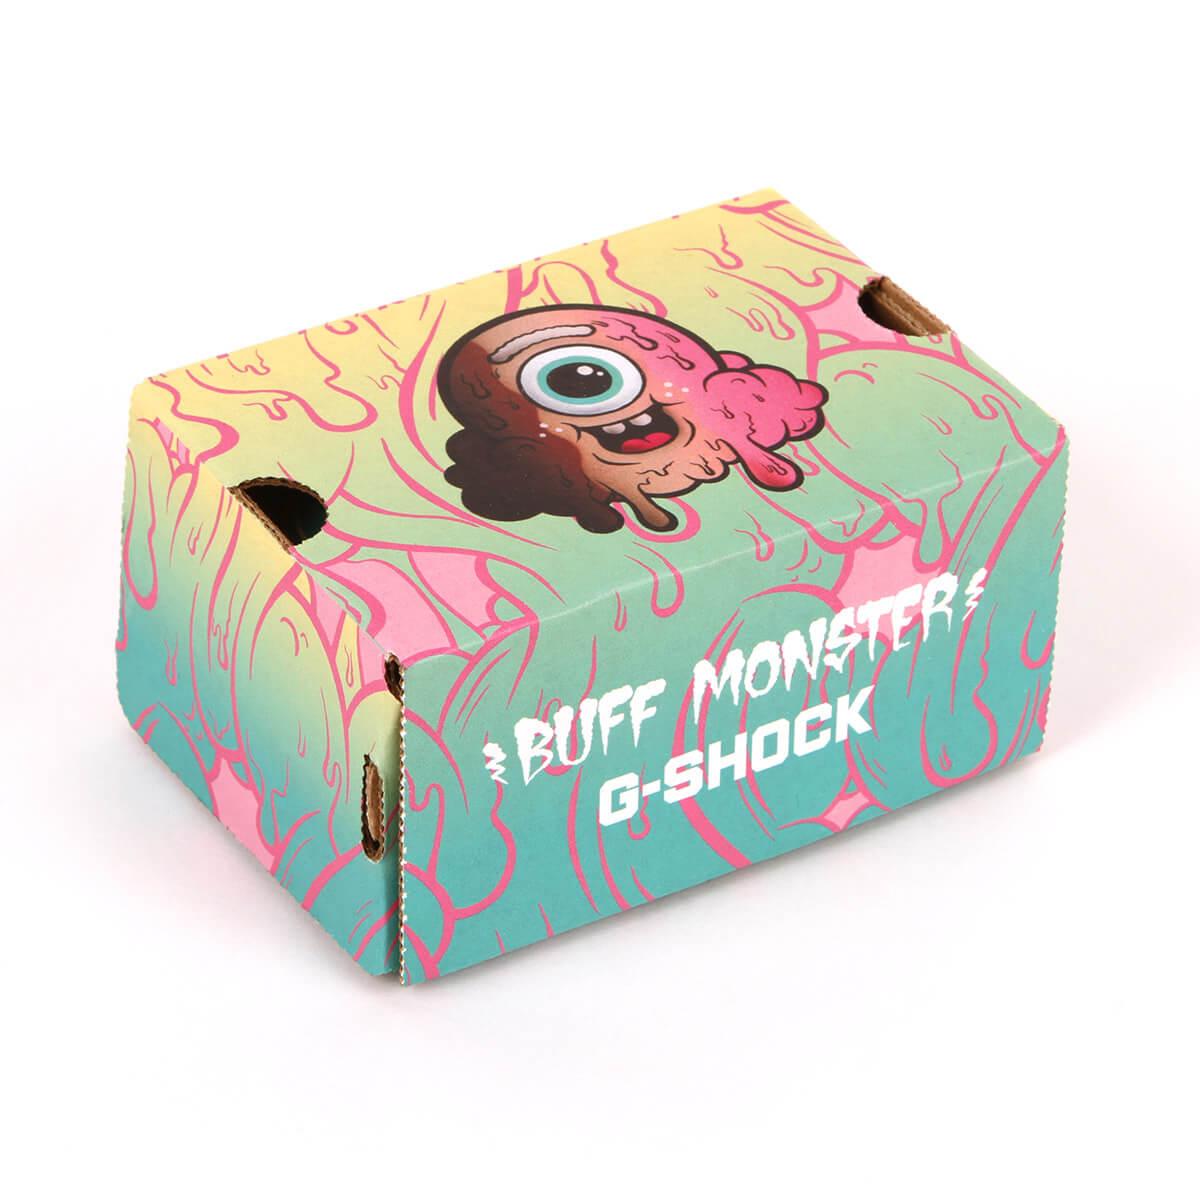 buff-monster-g-shock-watch